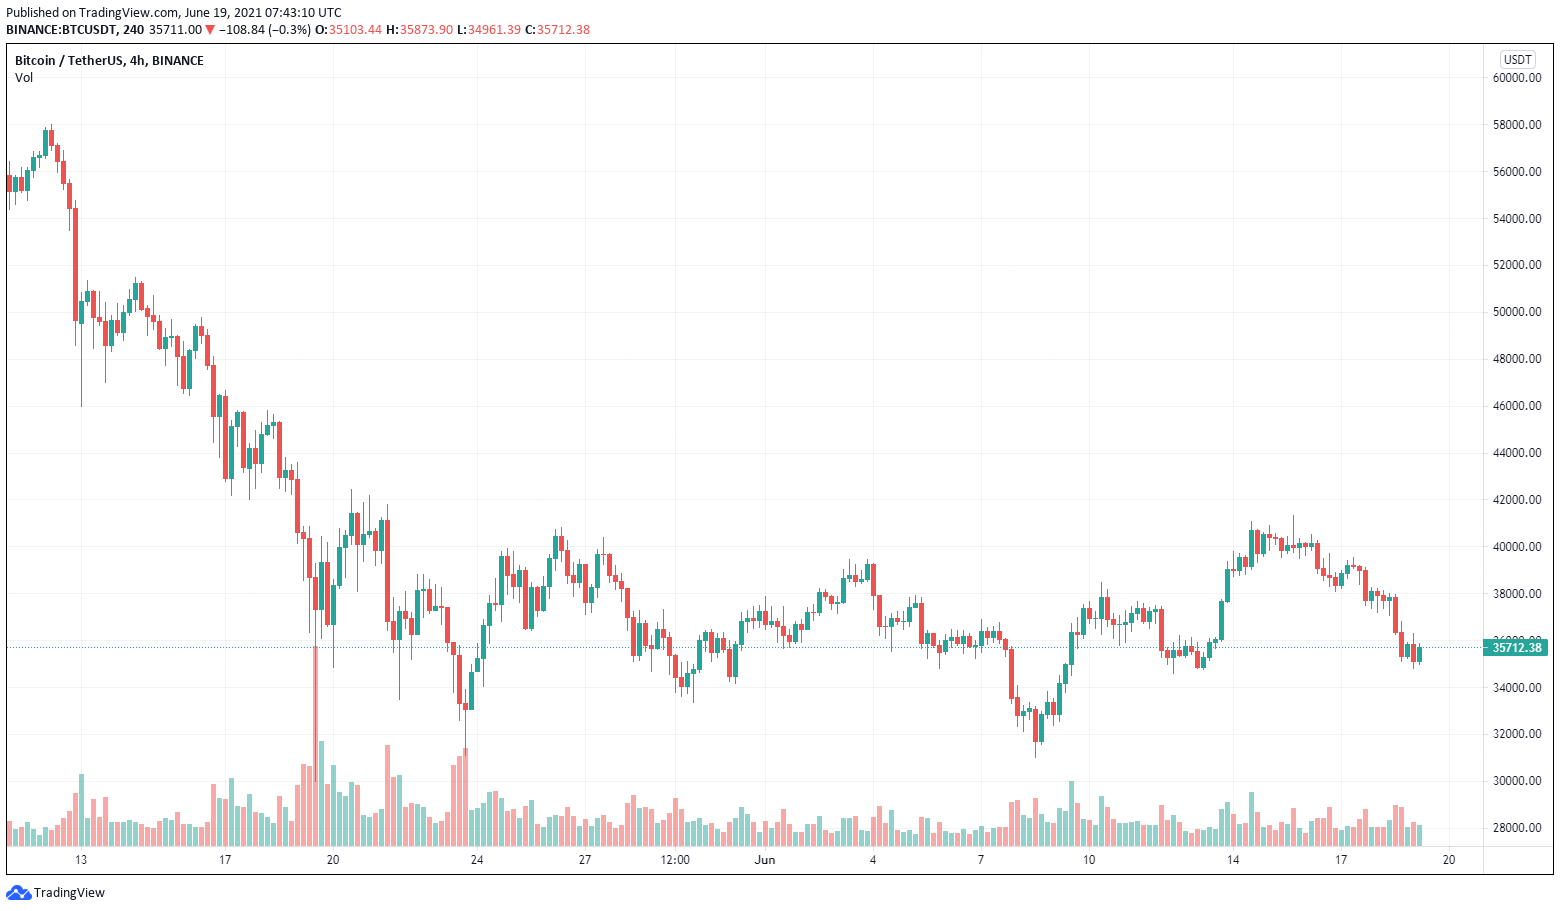 BTC/USDT, grafico a 4 ore. Fonte: TradingView